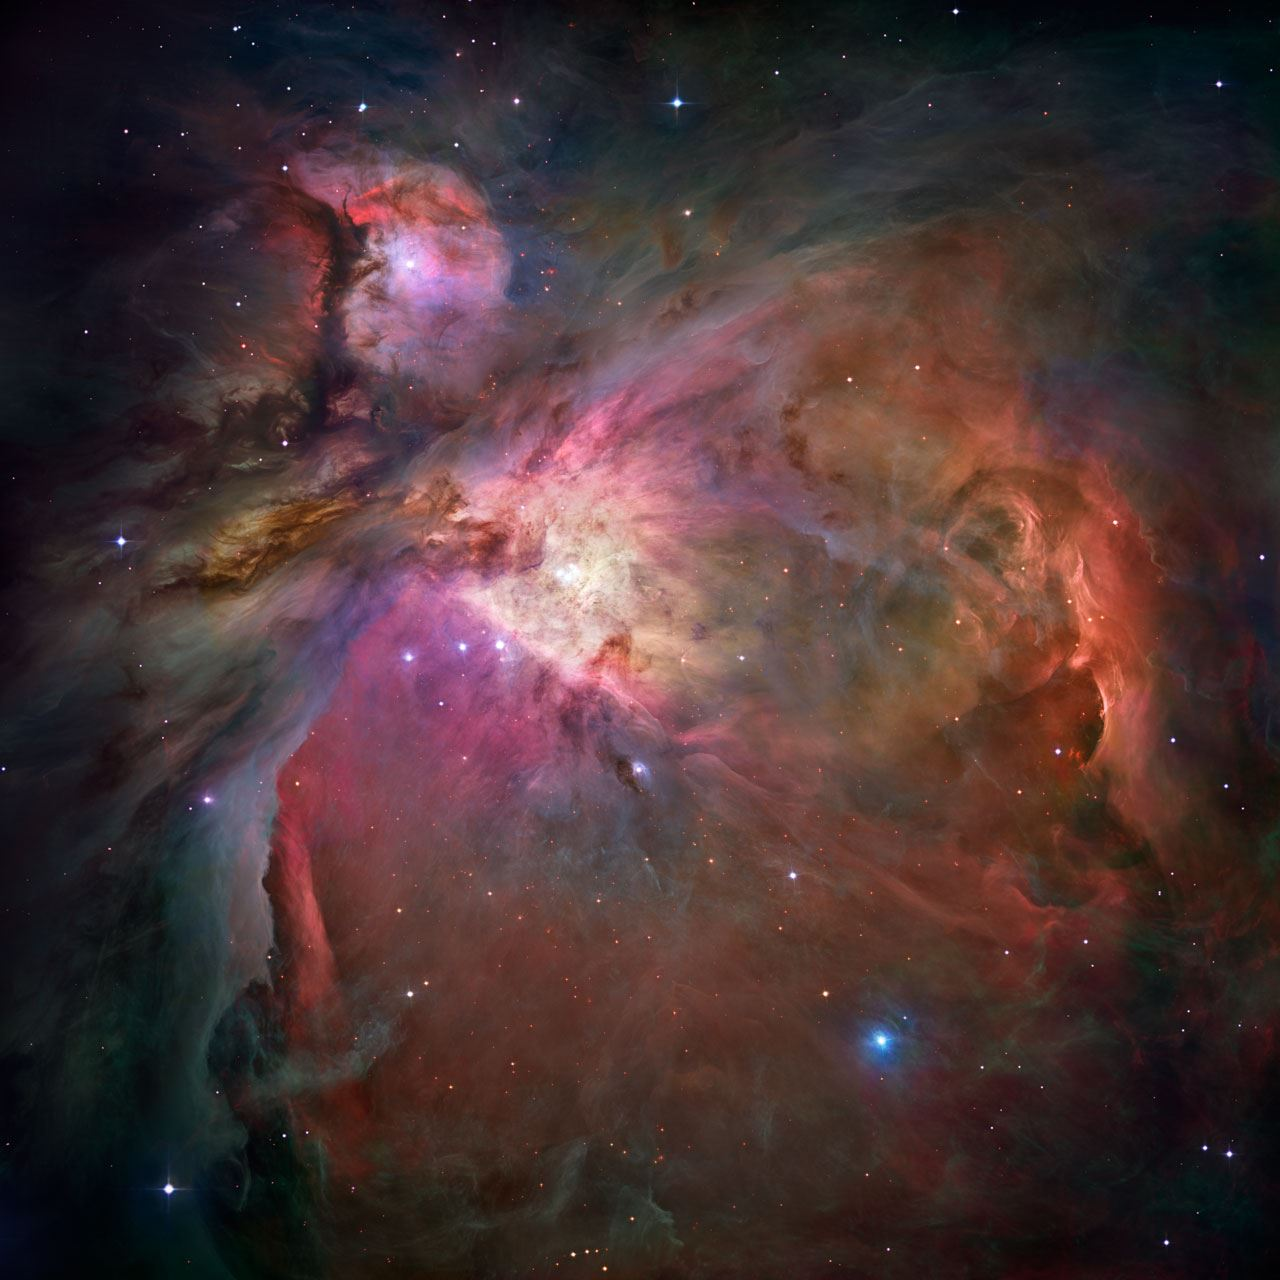 Rymdäventyr bland stjärnor, planeter och galaxer